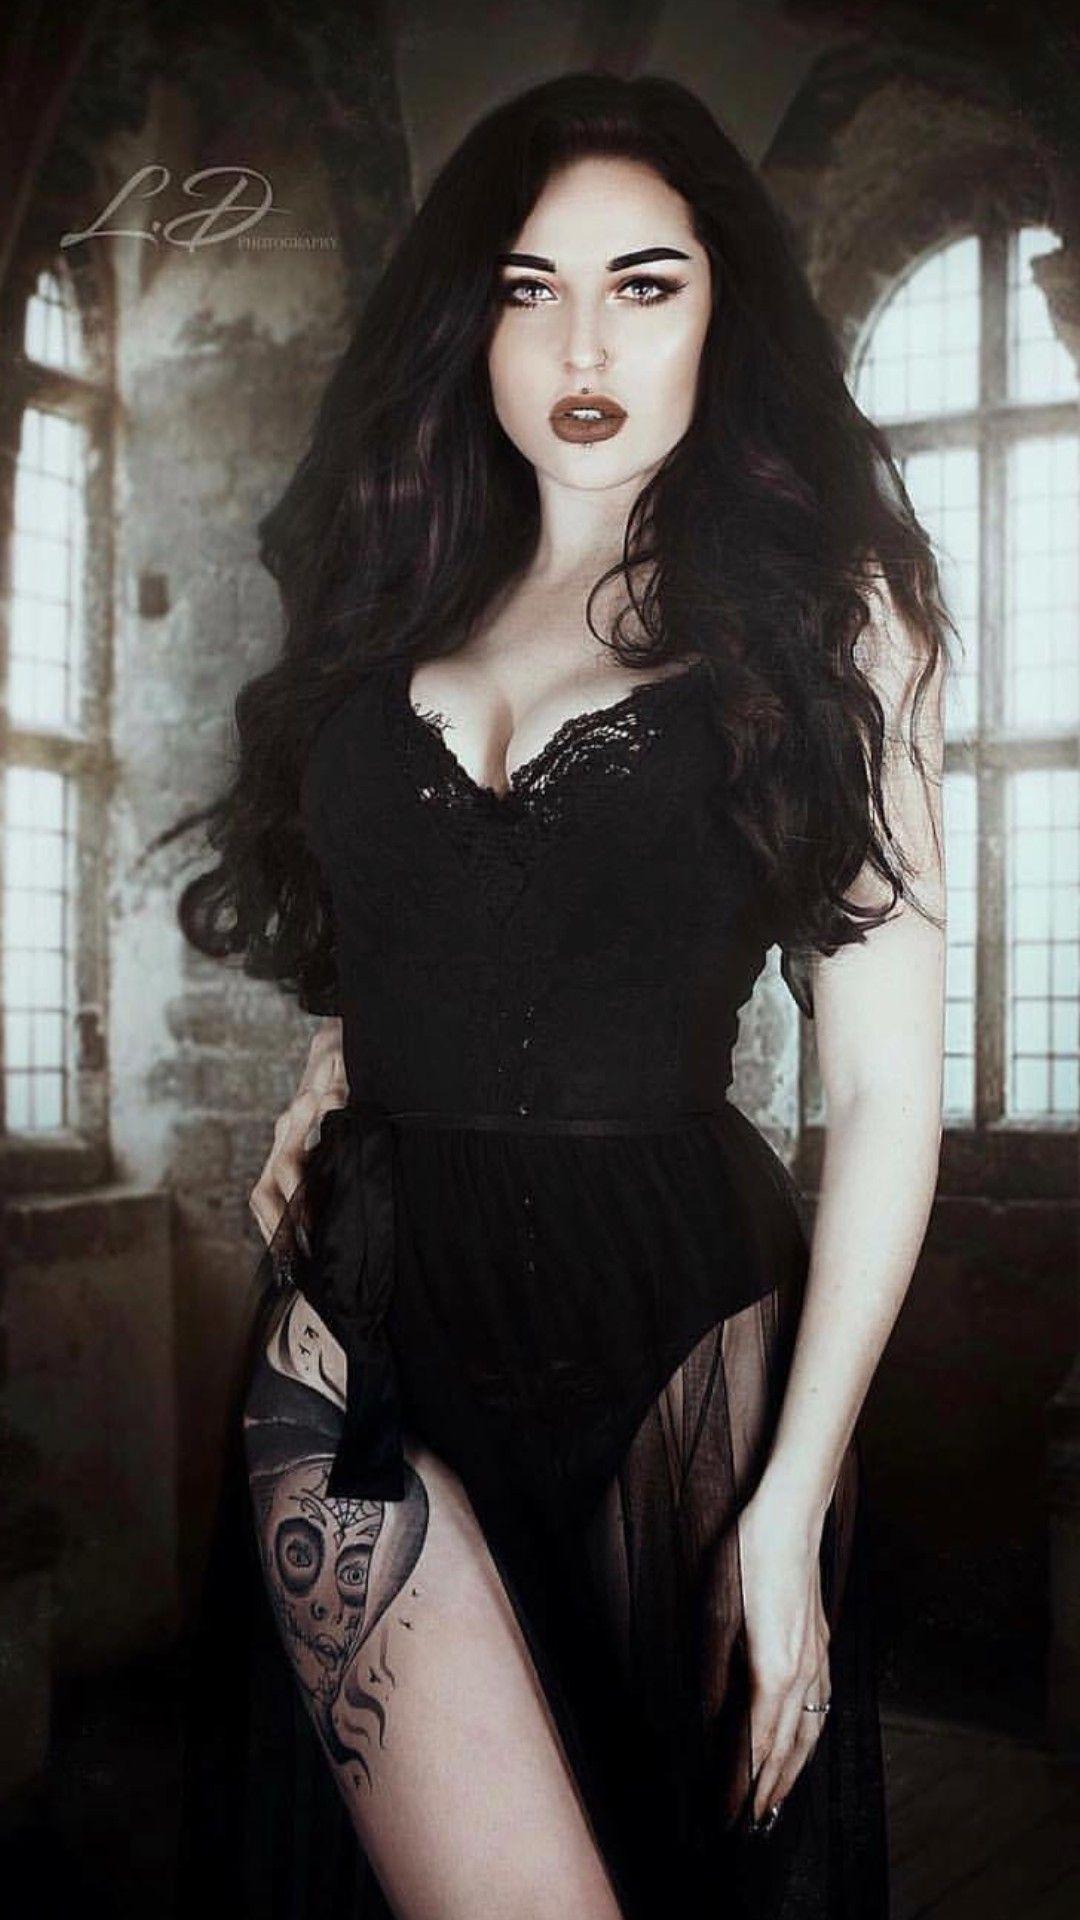 Bellezas Gotico Hot Goth Girls Gothic Girls Goth Beauty [ 1920 x 1080 Pixel ]